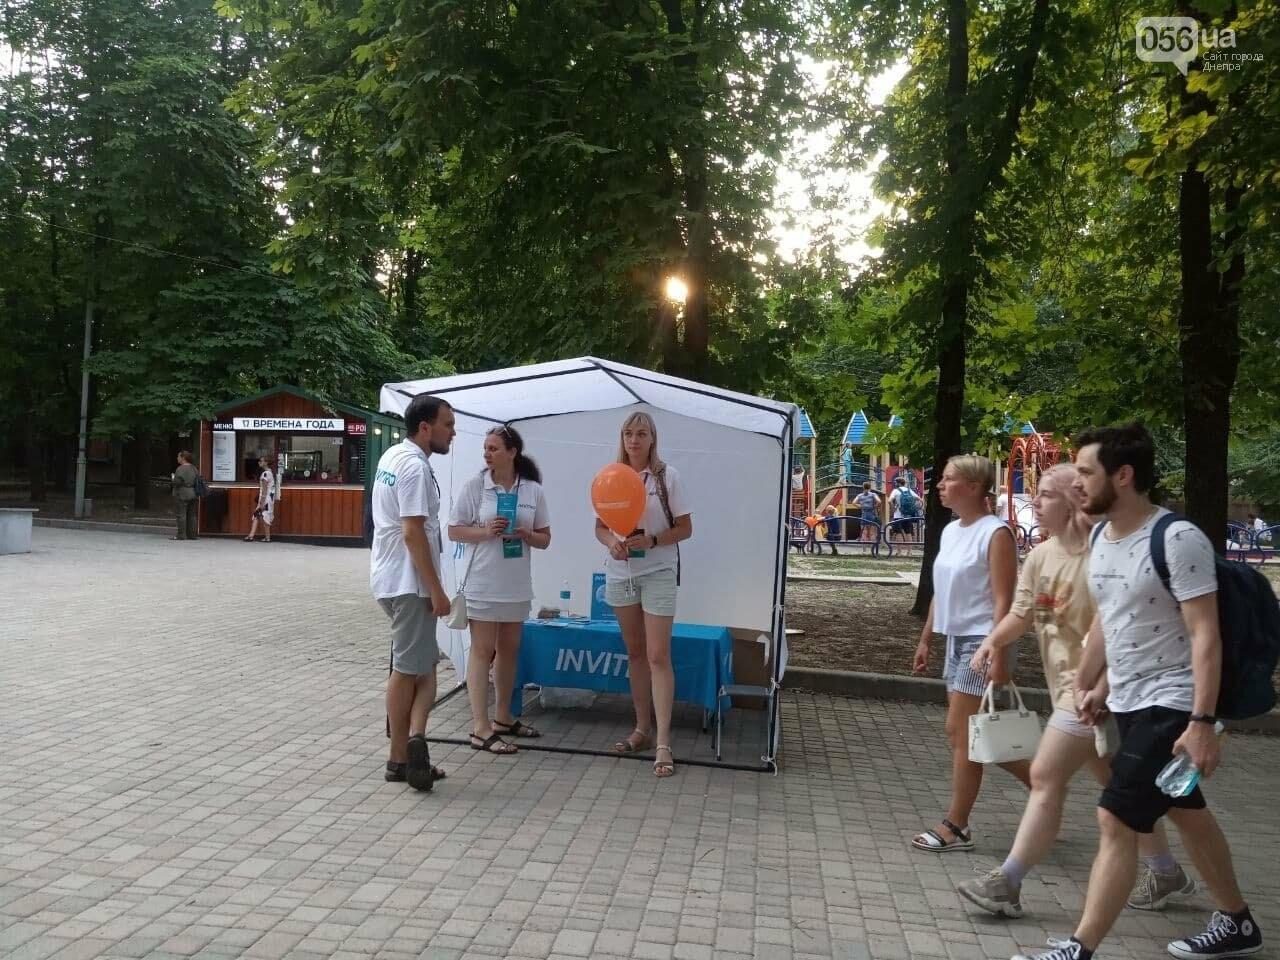 В Днепре по всей территории парка Шевченко звучит музыка нон-стоп, - ФОТО, ВИДЕО, фото-5